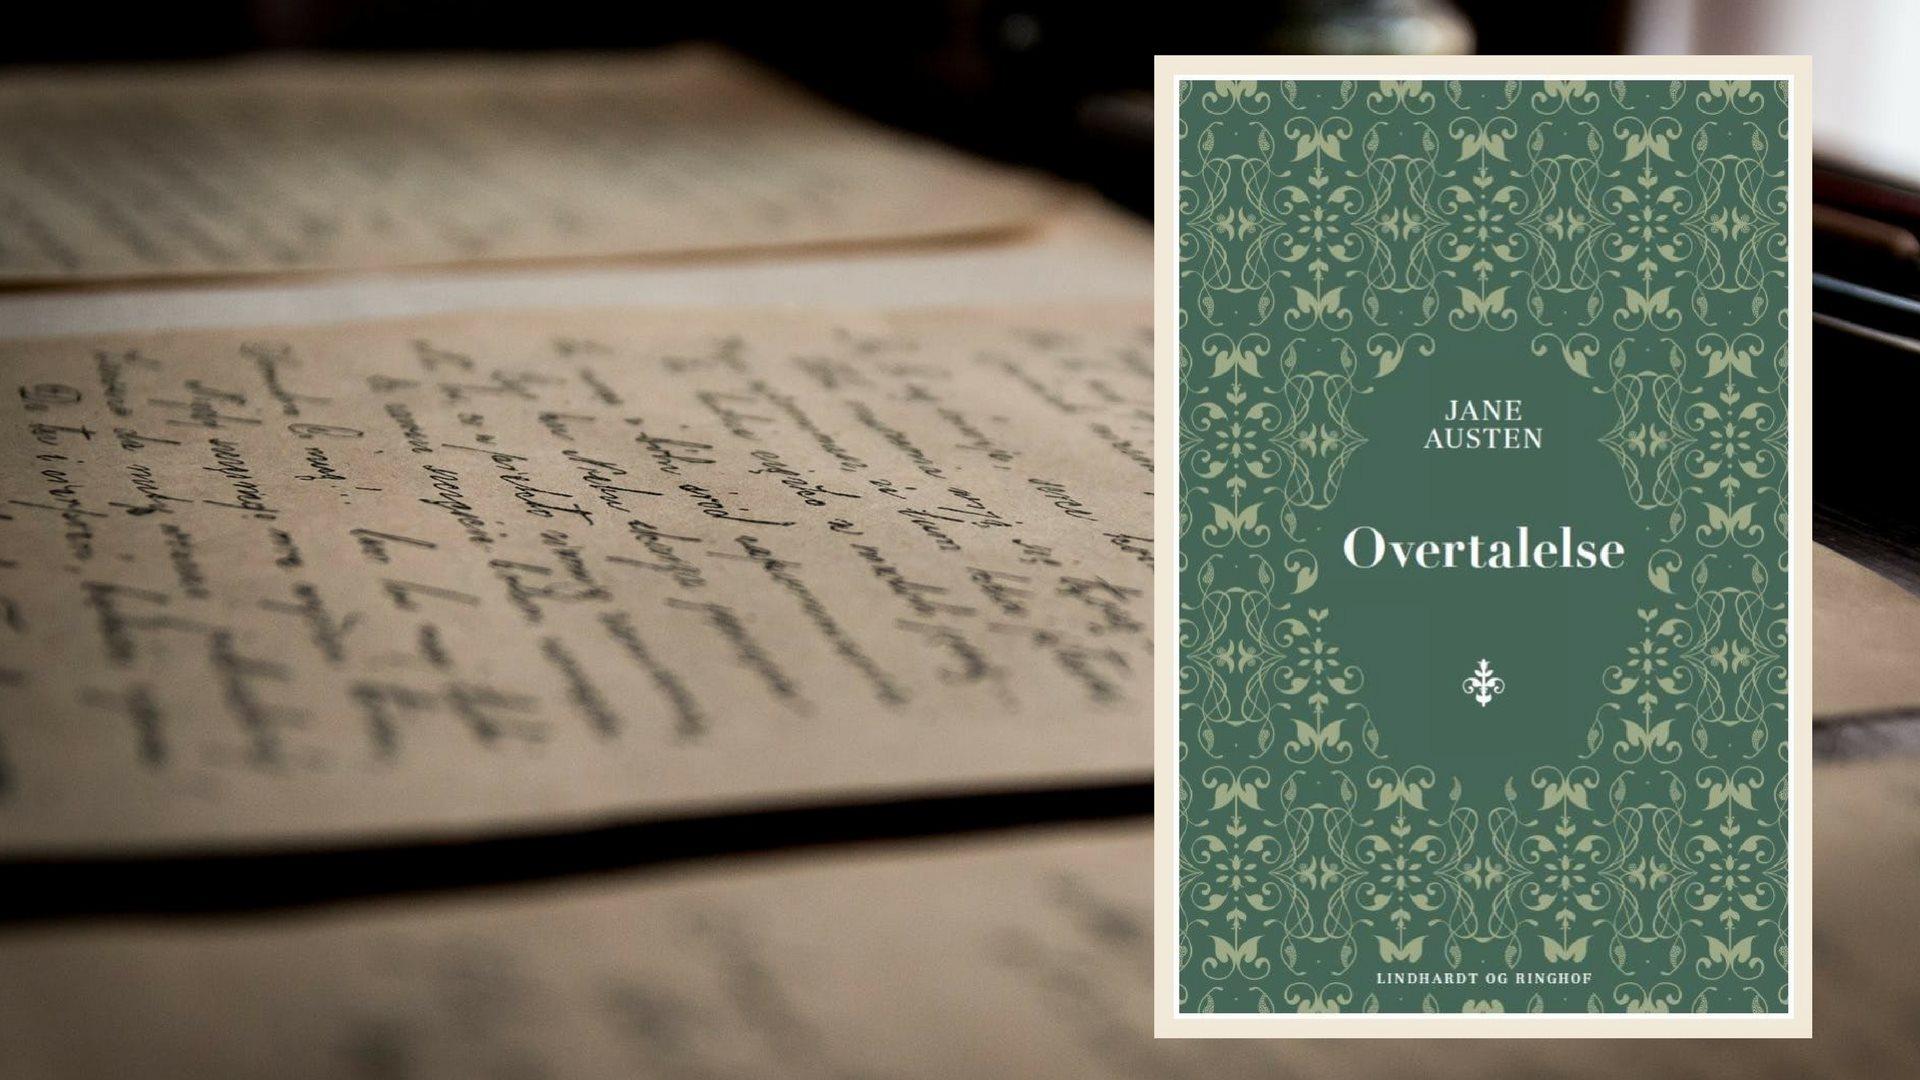 lindhardt og ringhof manuskript